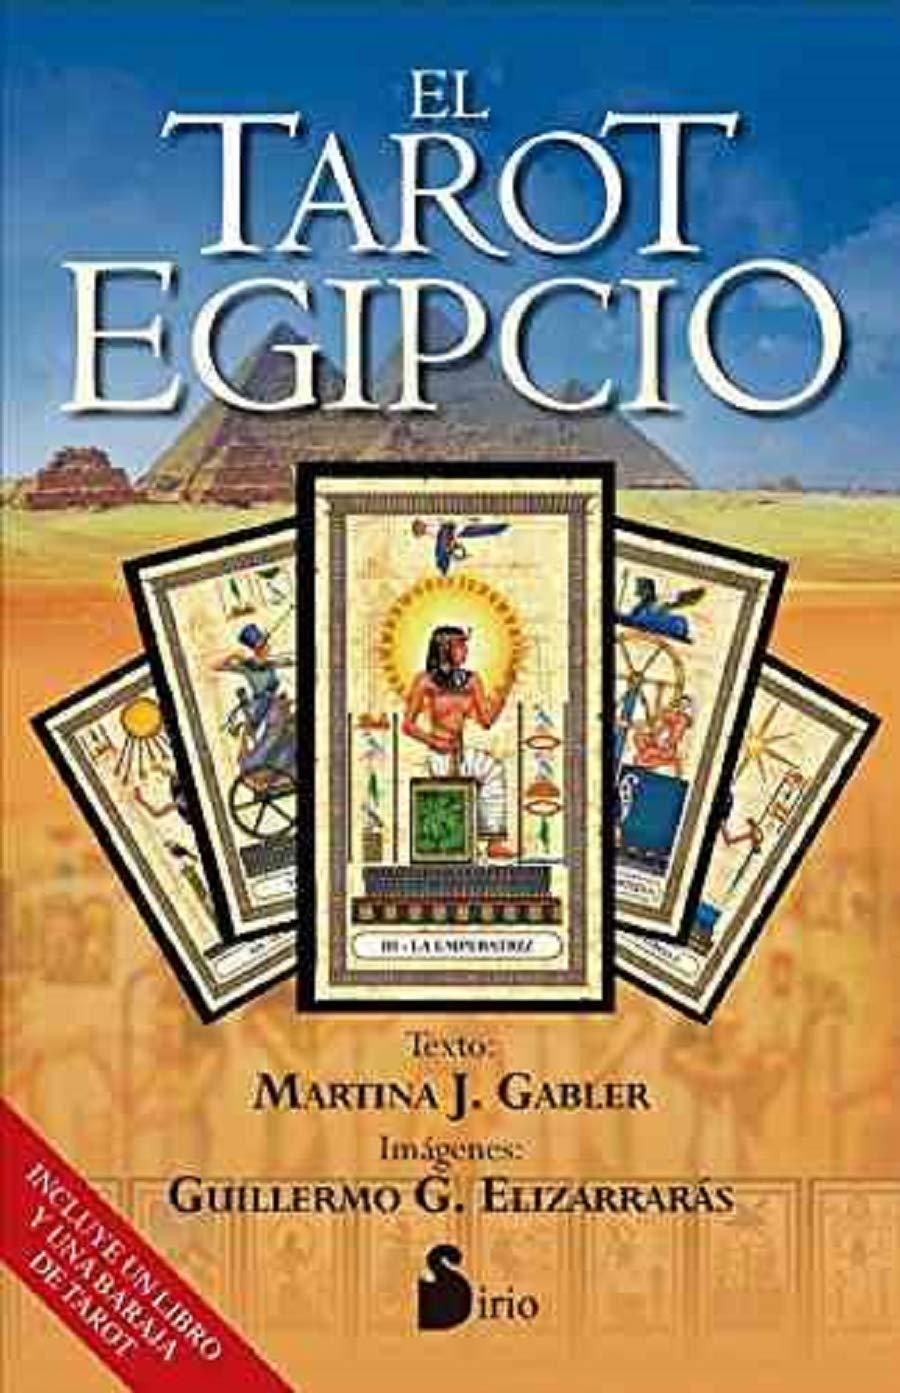 EL TAROT EGIPCIO: Amazon.es: MARTINA GABLER (argentina ...